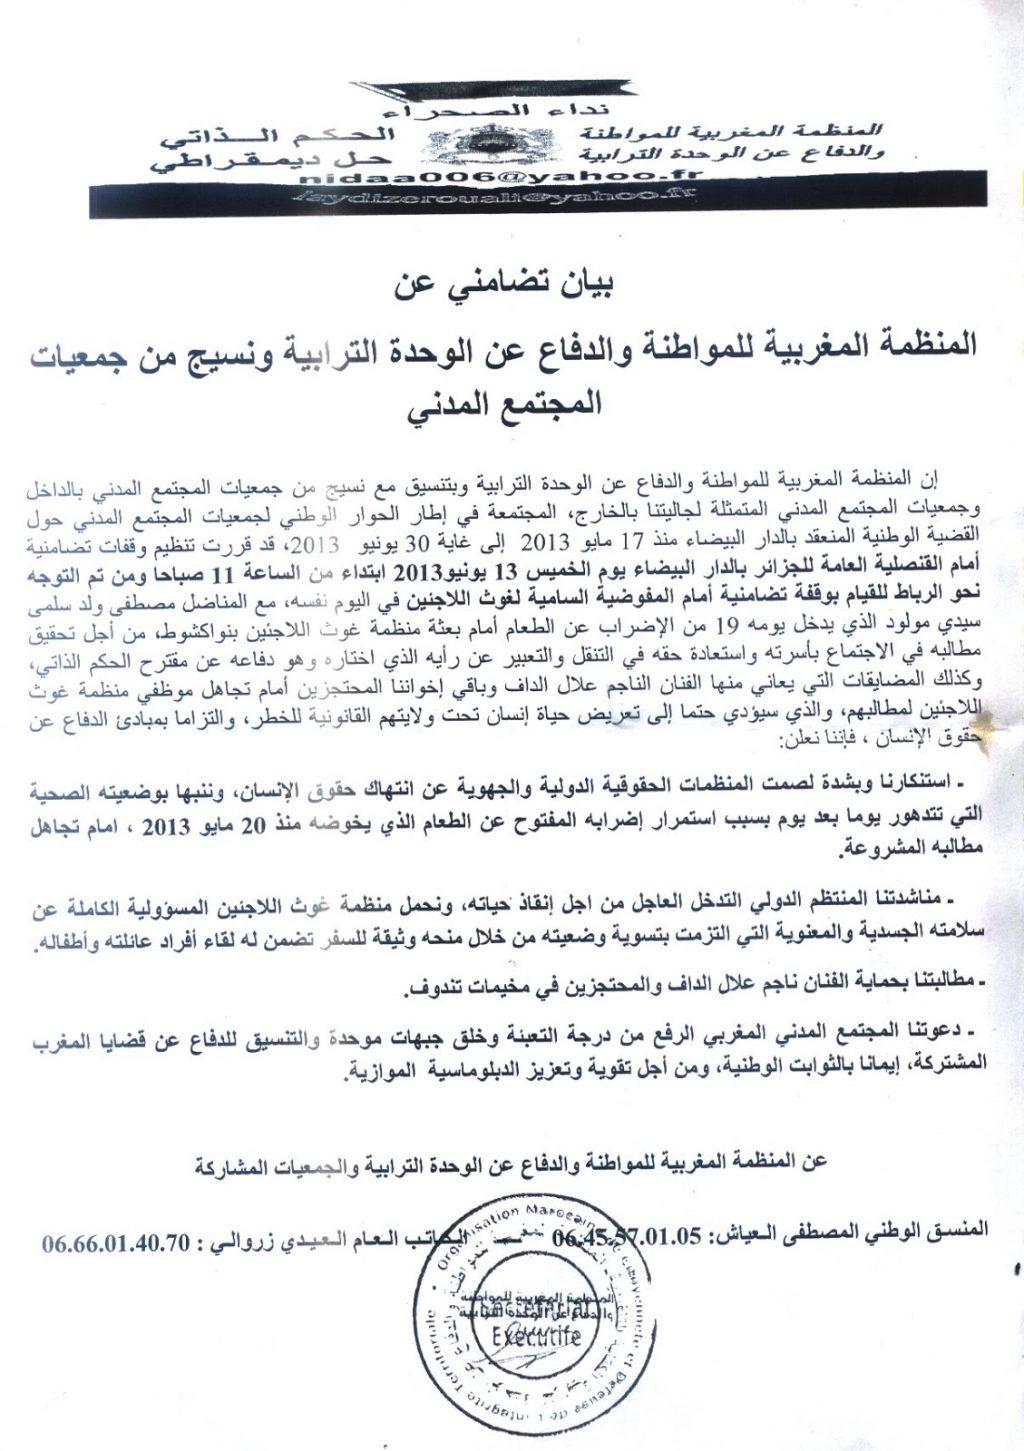 وقفة تضامنية مع المناضل مصطفى ولد سلمى سيدي مولود